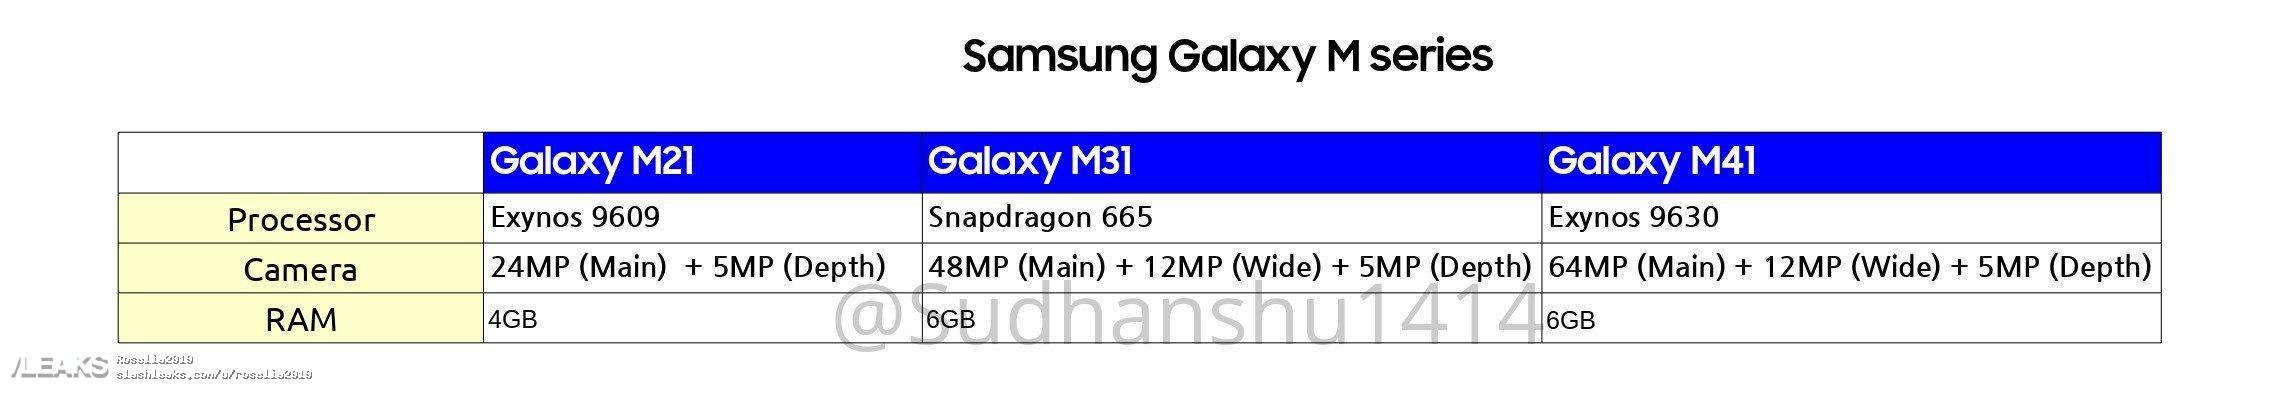 Erste Details zum Samsung Galaxy M21, Galaxy M31 und Galaxy M41 1